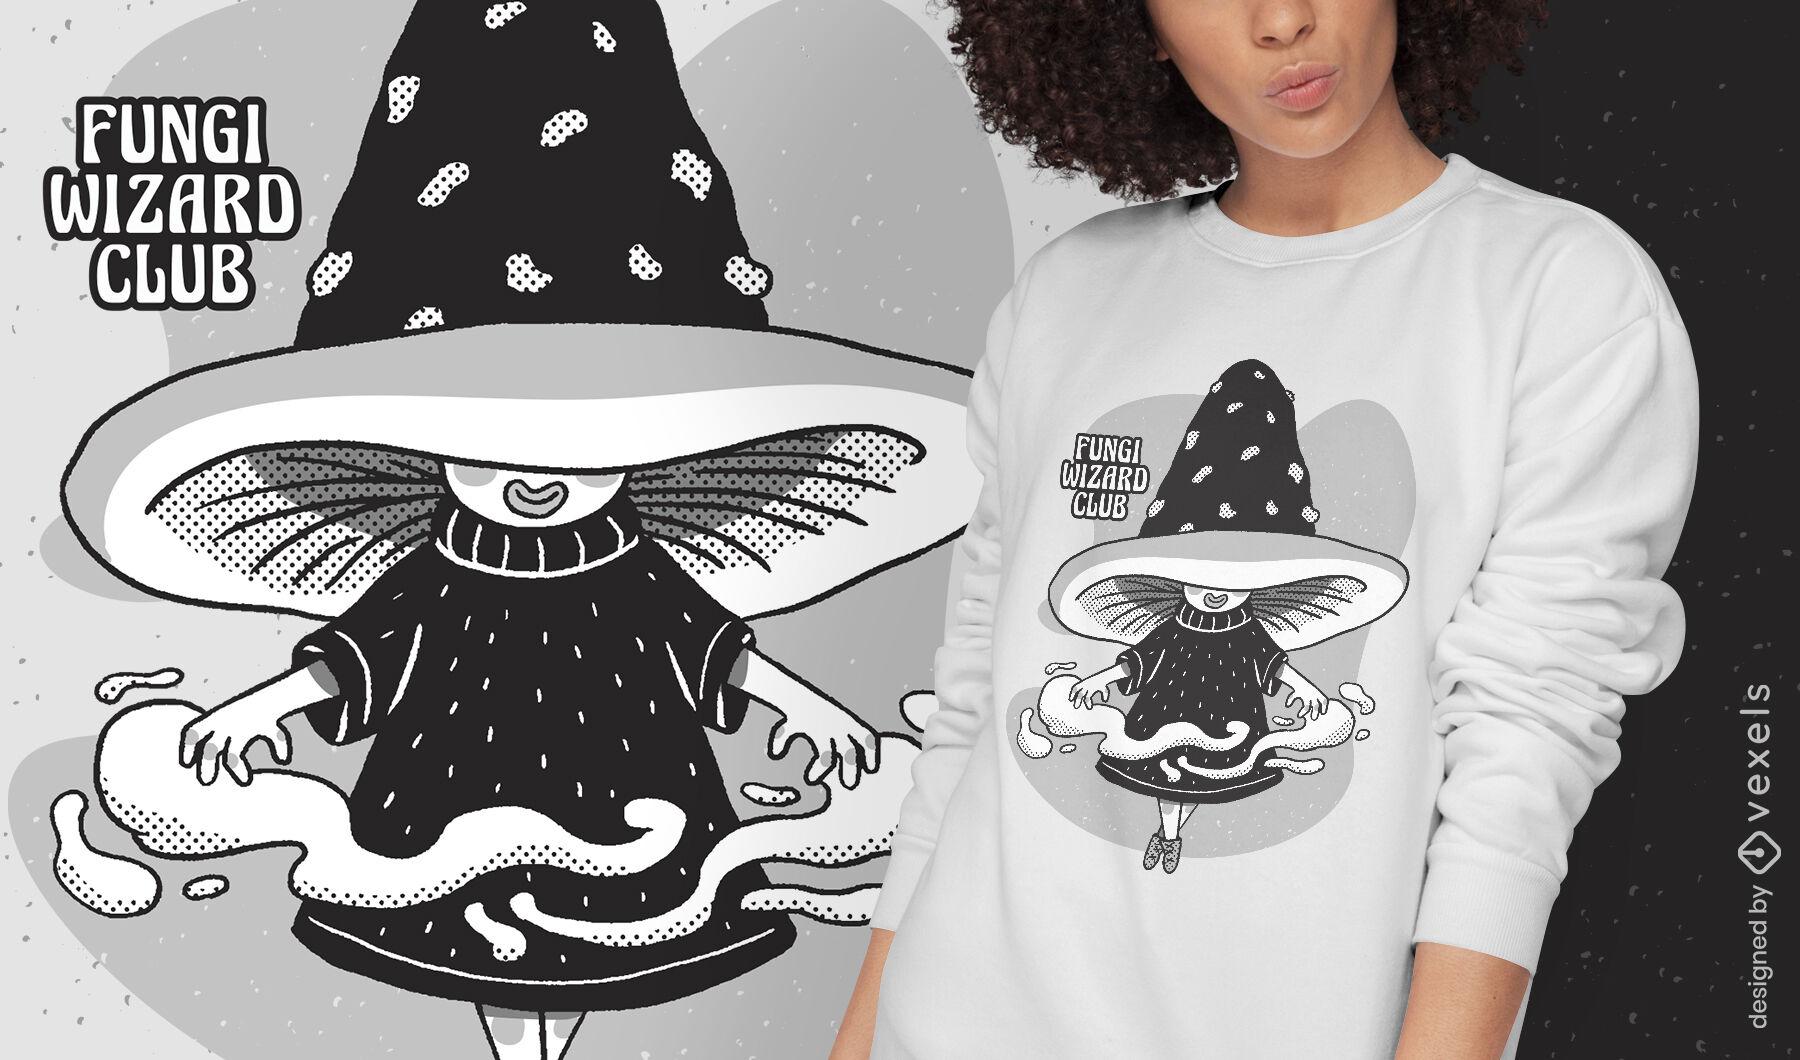 Desenho de t-shirt de fantasia de feiticeiro de desenho animado Fungi